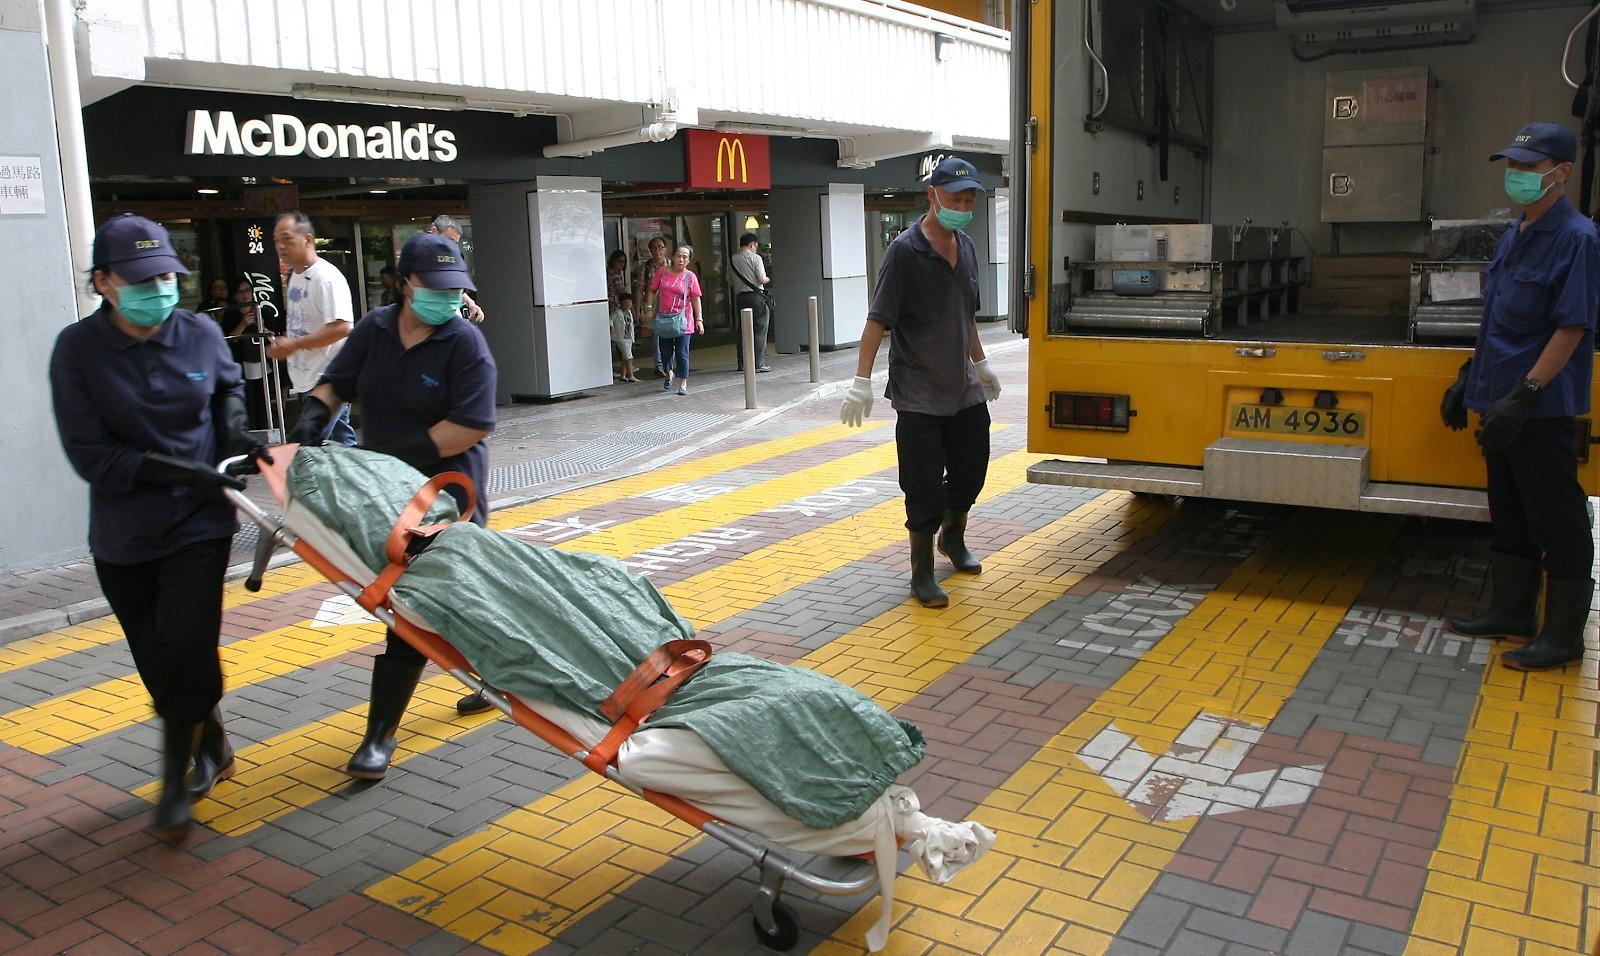 Câu chuyện về những người qua đêm tại McDonald Hồng Kông: Khi chốn công cộng trở thành nhà - Ảnh 2.